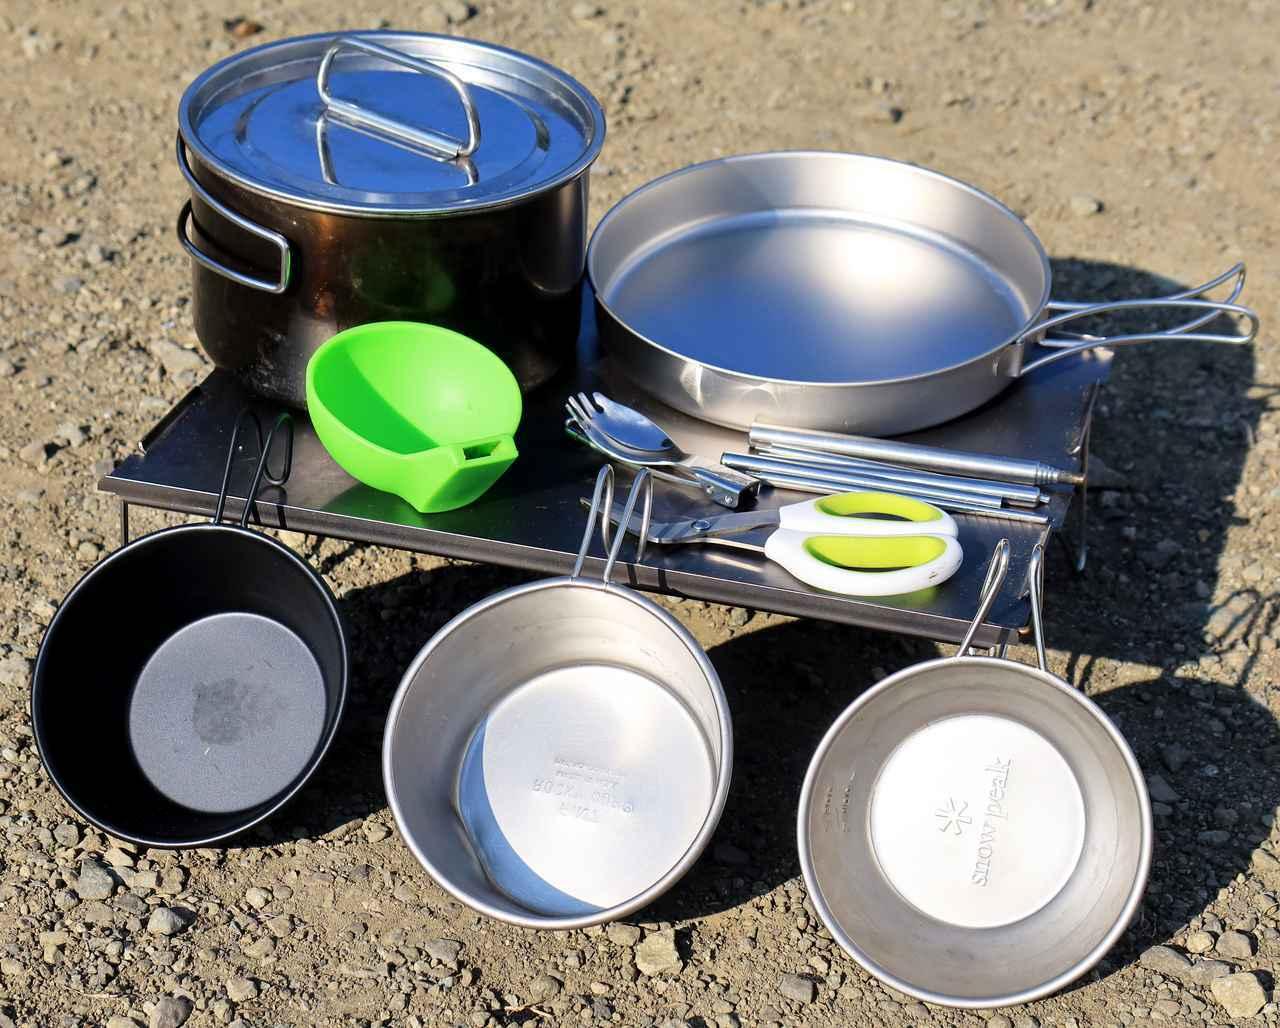 画像: 【バイクキャンプの食器】ツーリングに適したクッカーやカトラリー、調理器具を考える - webオートバイ